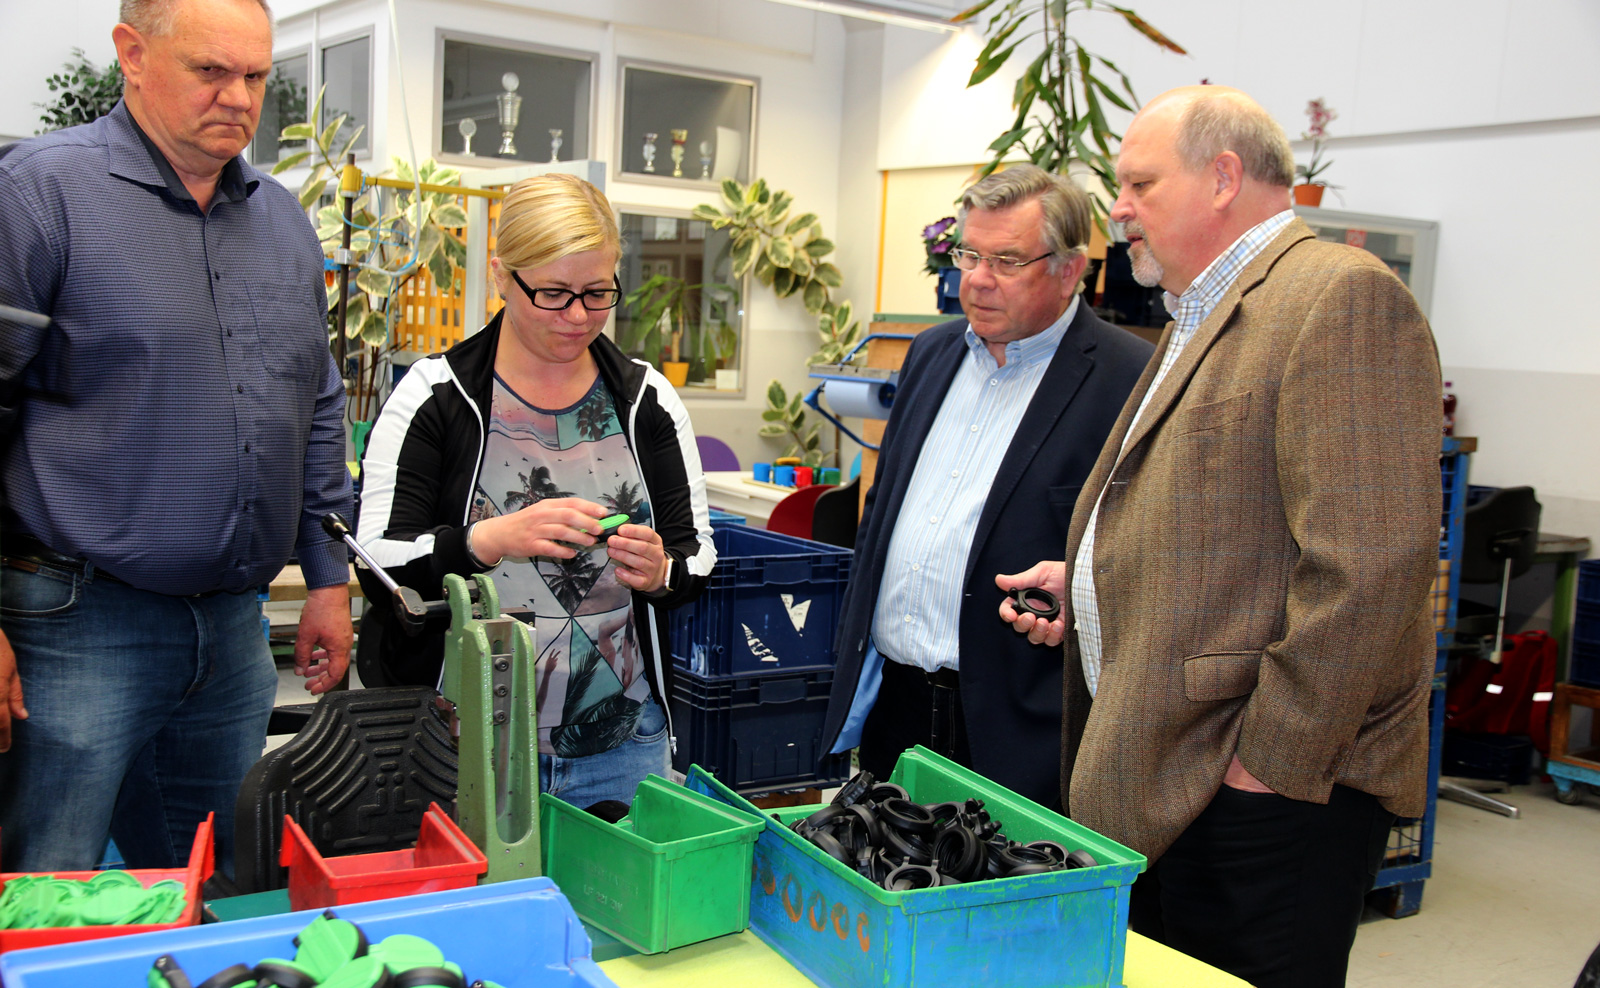 Der Vorsitzende der Lebenshilfe Erlangen folgte gern der Einladung zu einer Werksbesichtung der Moritzberg-Werkstätten.